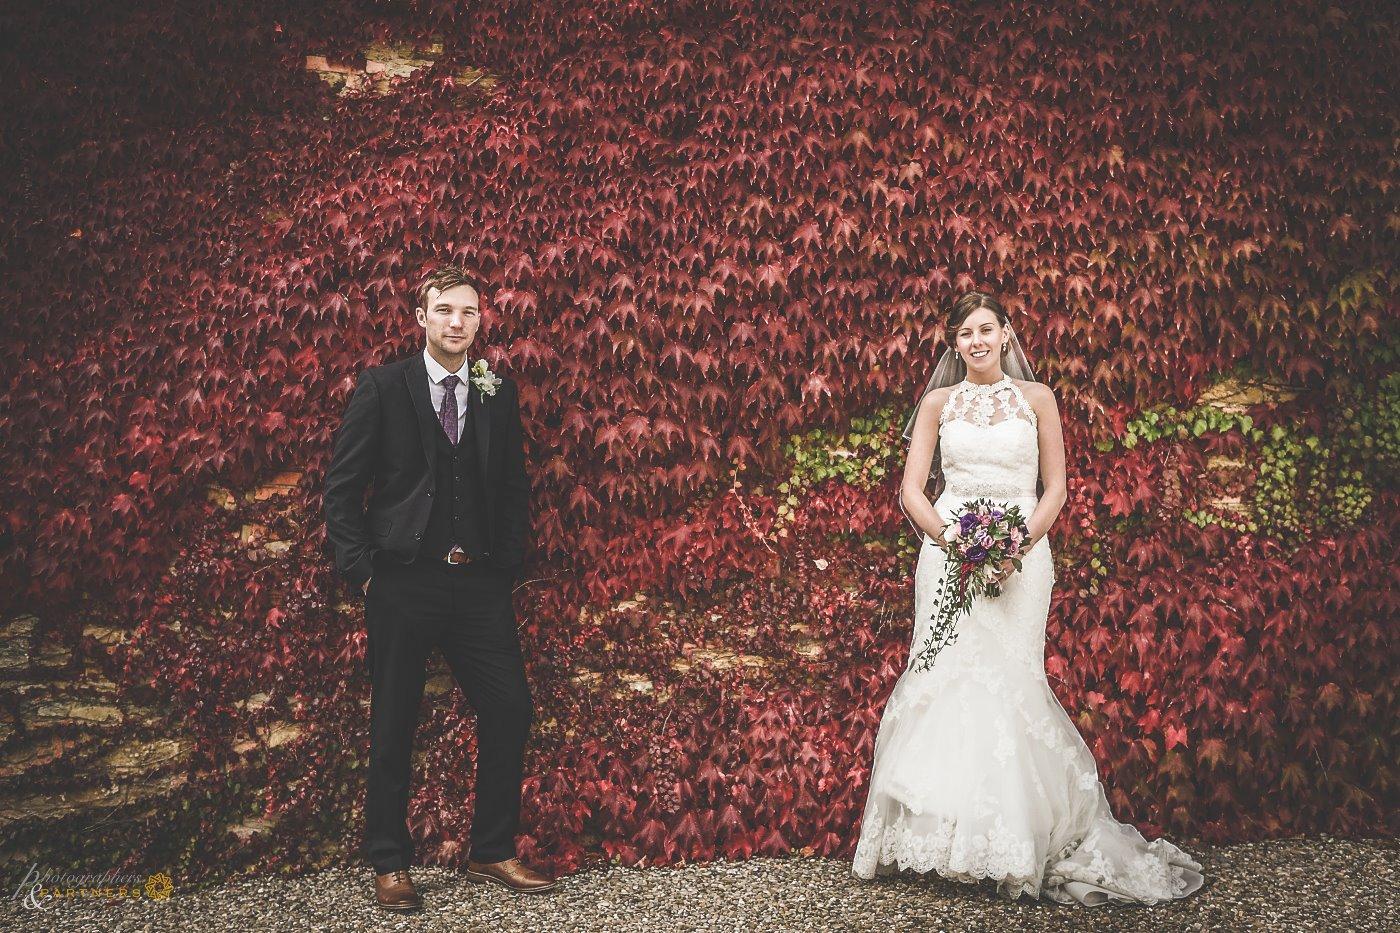 photography_weddings_cortona_16.jpg